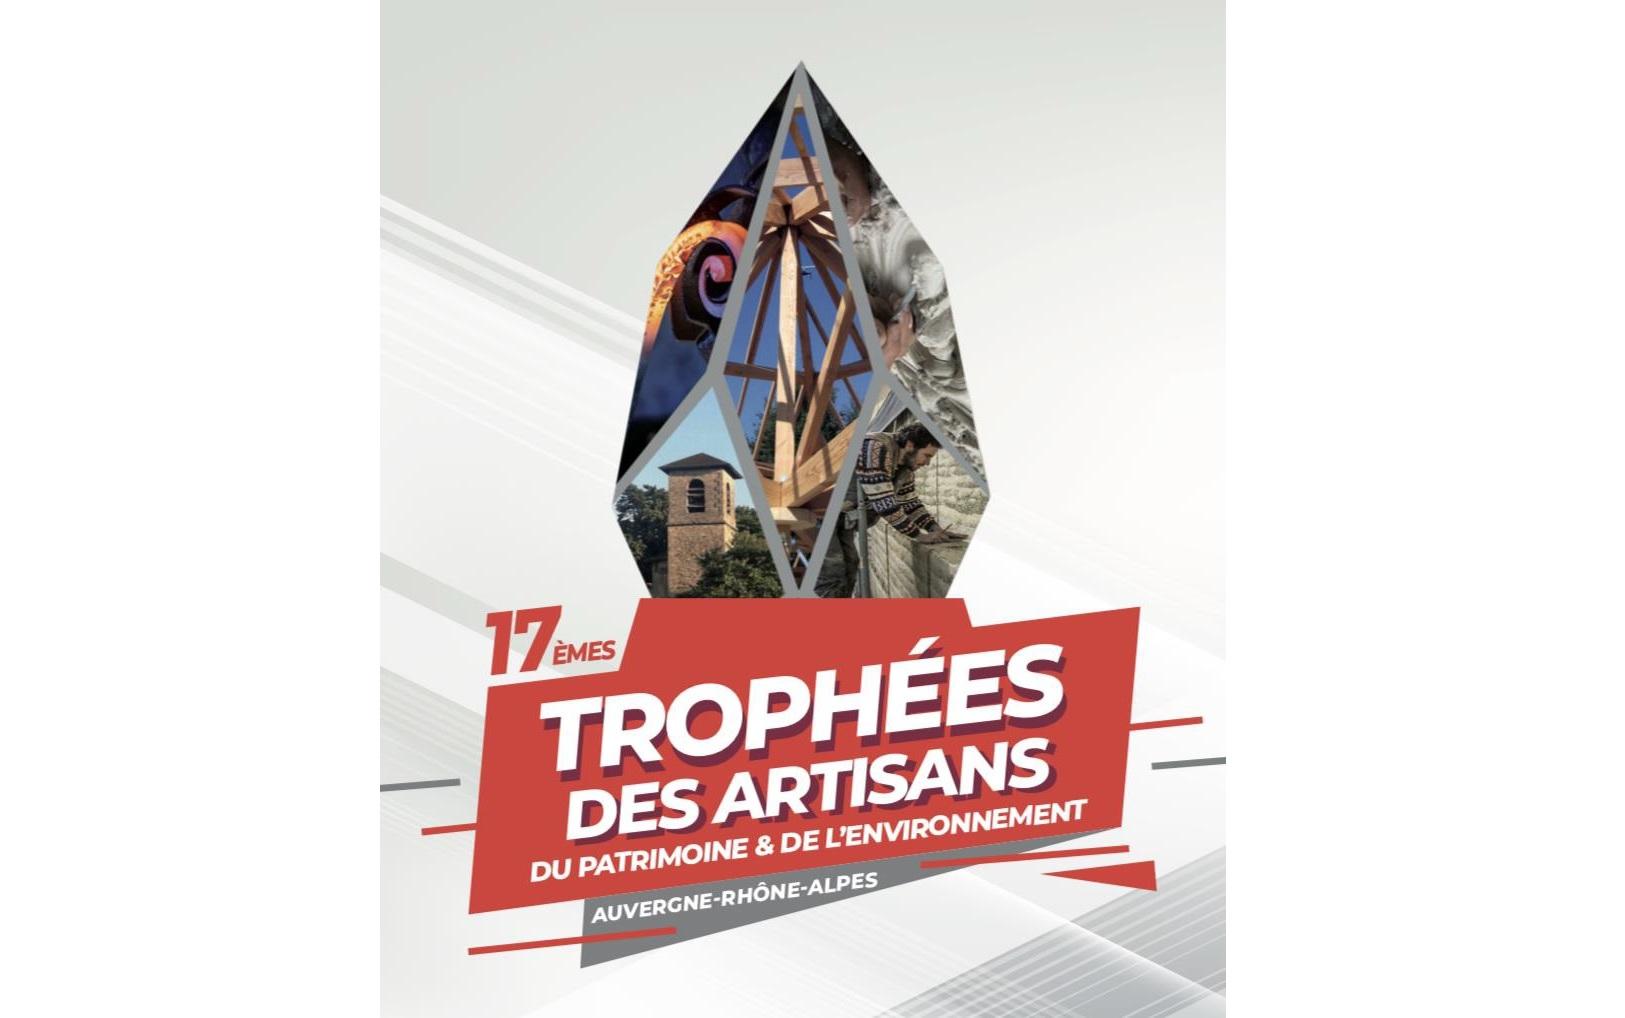 Sept entreprises artisanales primées en Auvergne-Rhône-Alpes